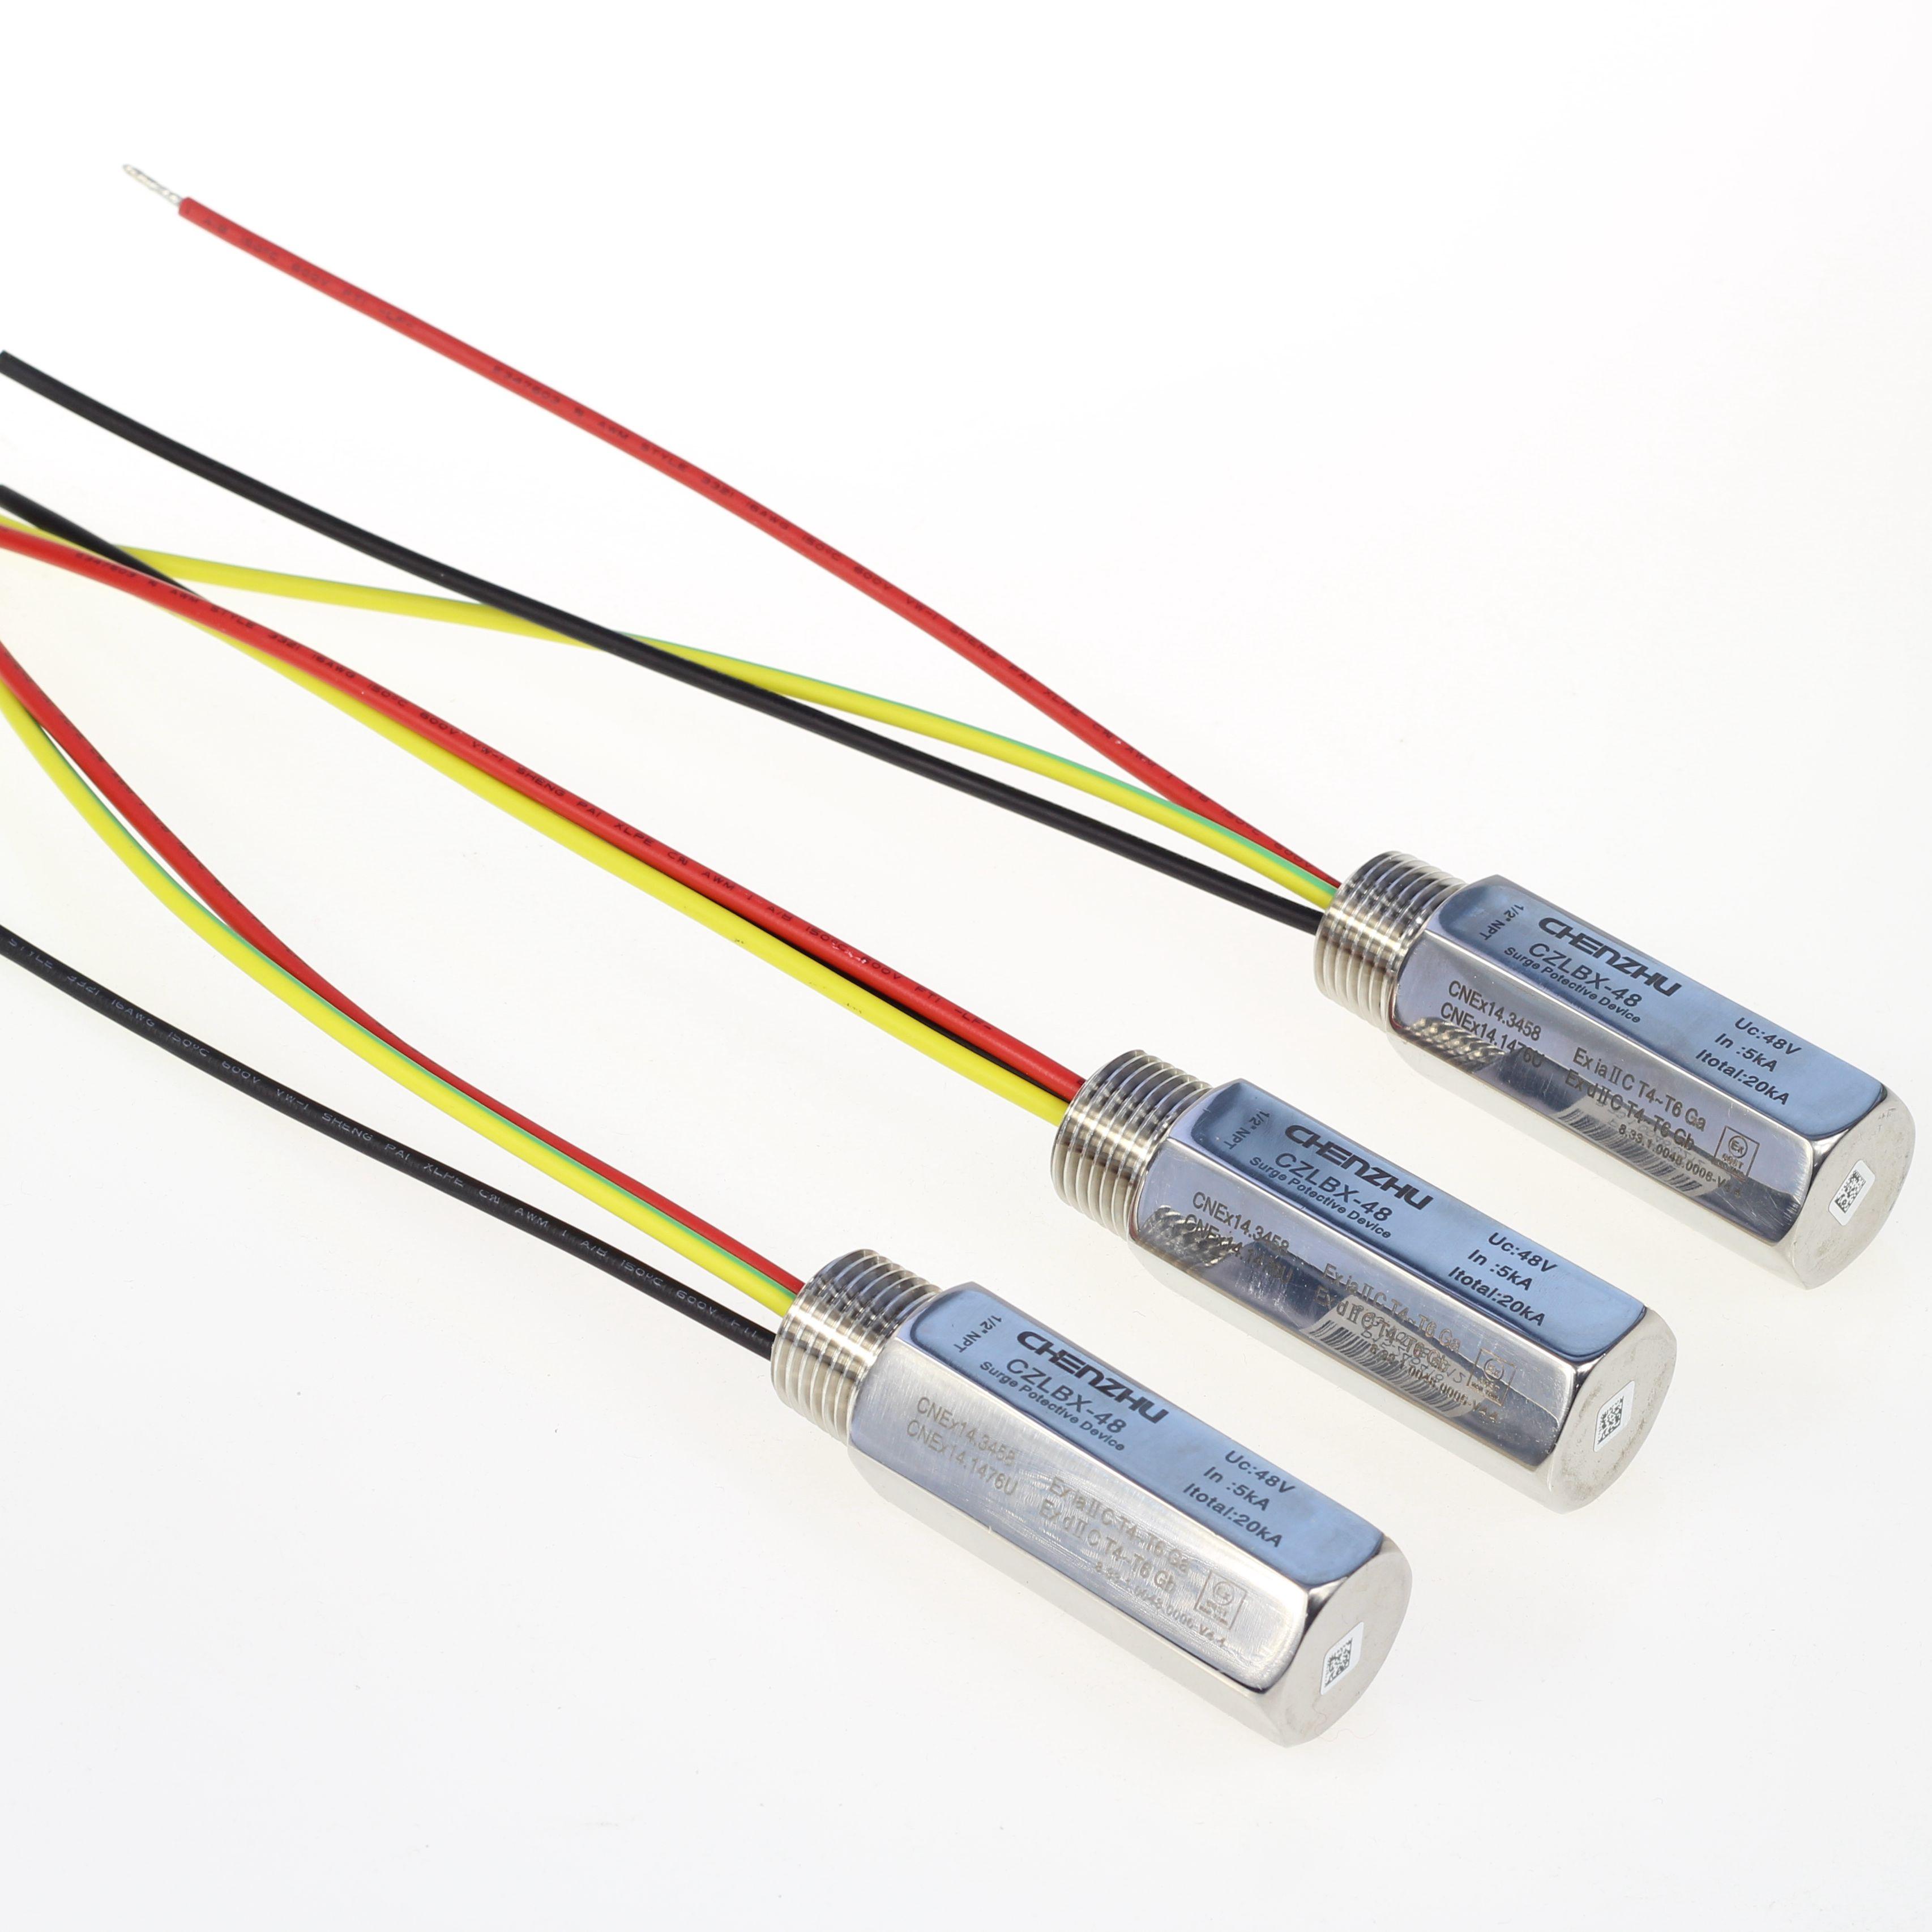 本安现场安装防爆型信号浪涌保护器(并联型,10KA,四线制)